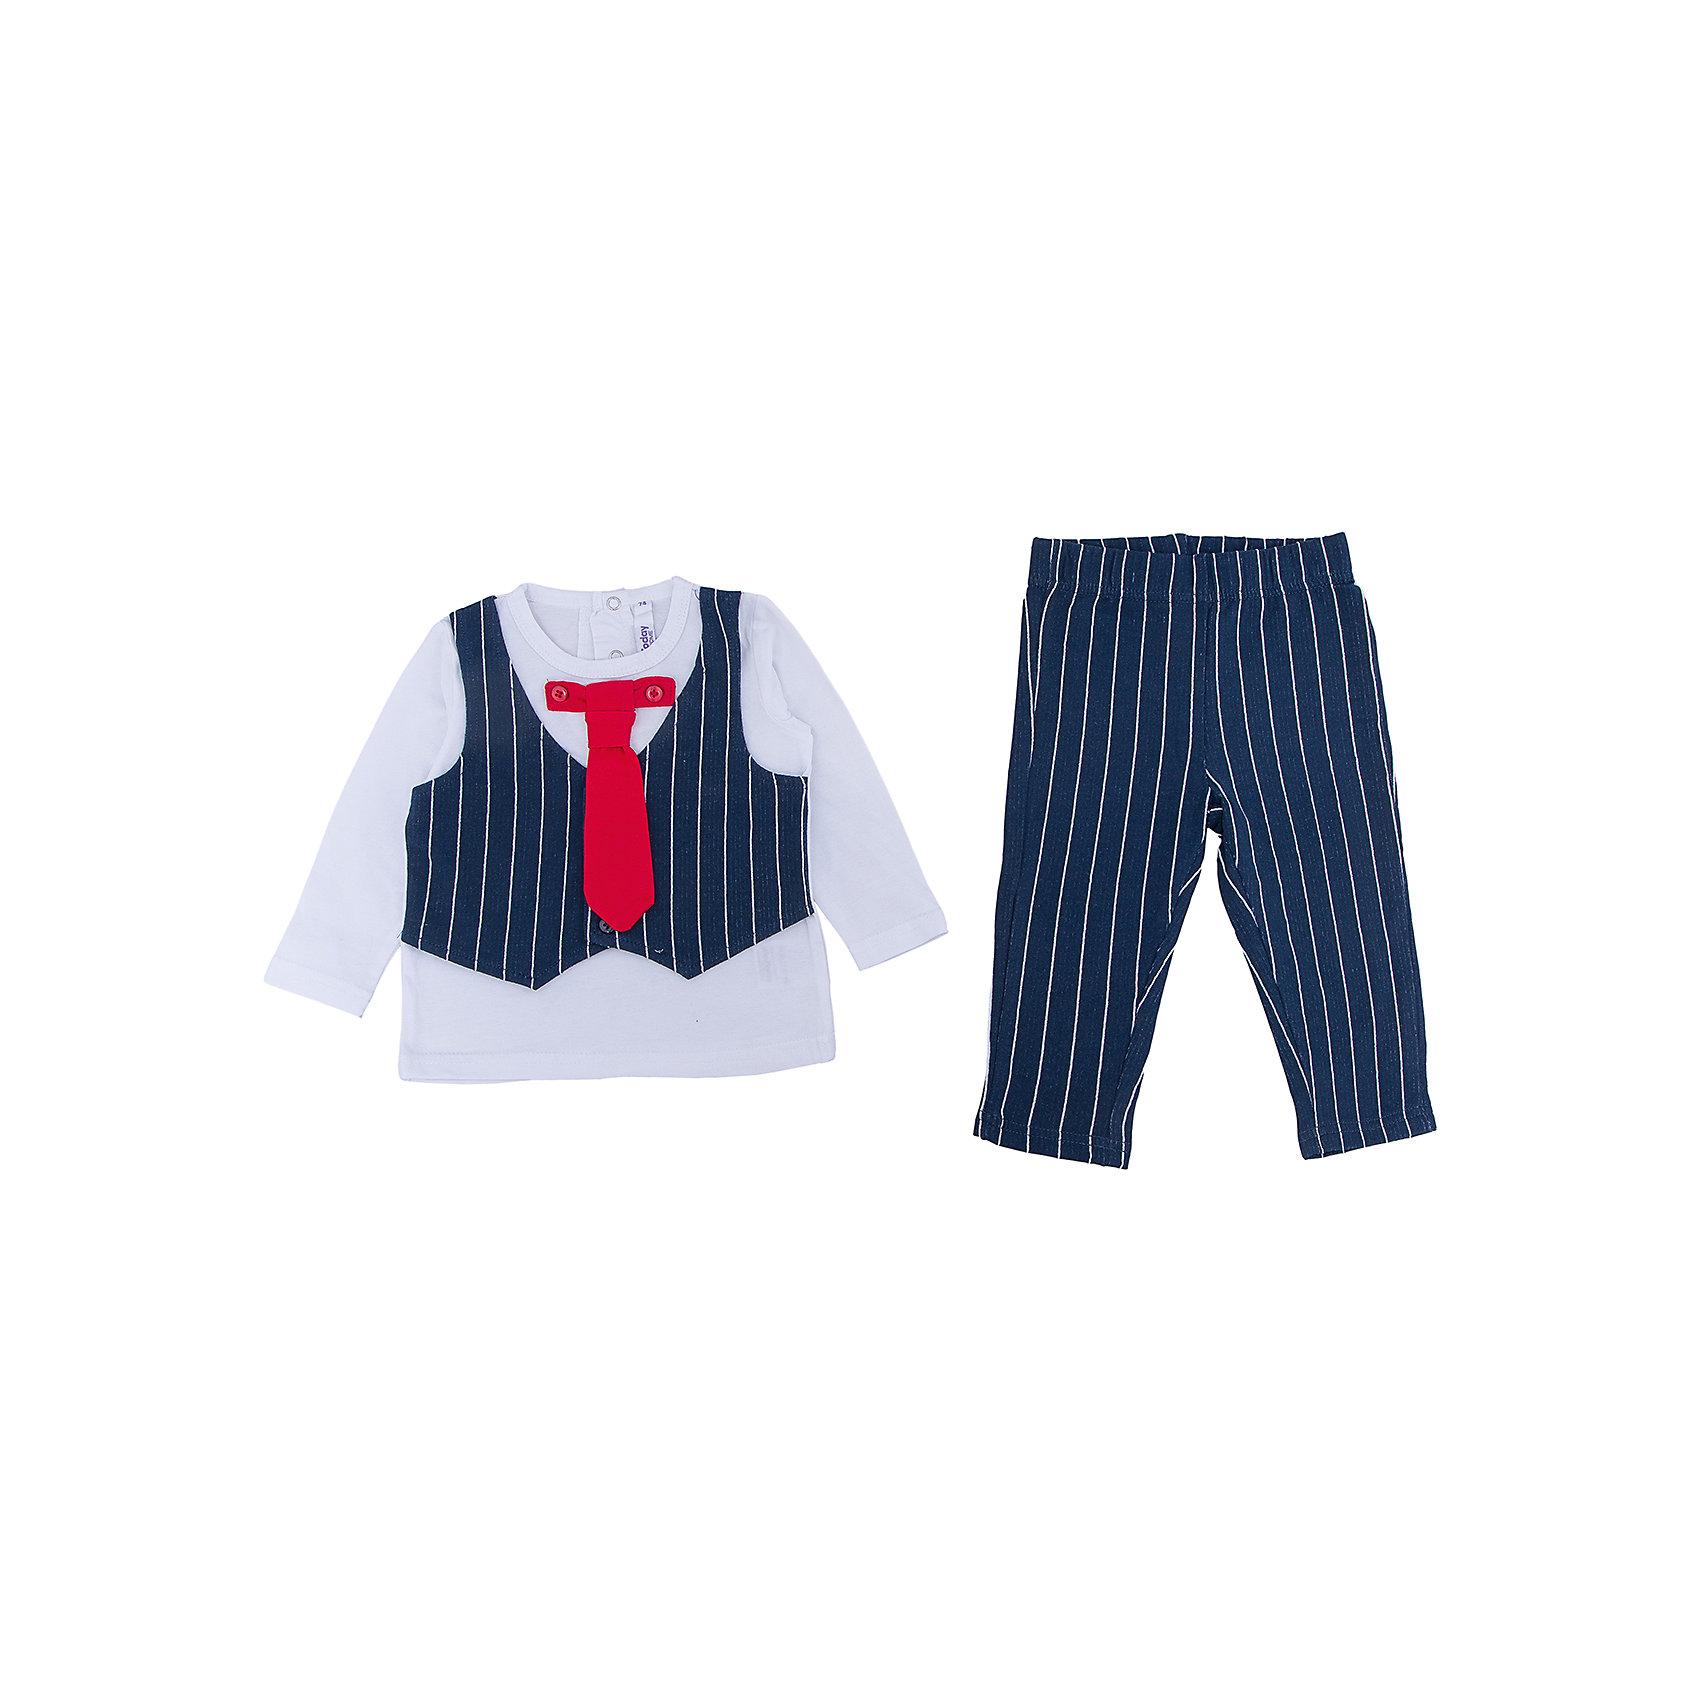 Комплект: футболка с длинным рукавом и брюки для мальчика PlayTodayХарактеристики:<br><br>• Вид одежды: футболка с длинным рукавом и брюки<br>• Предназначение: праздничная одежда, повседневная одежда<br>• Пол: для мальчика<br>• Сезон: круглый год<br>• Материал: хлопок – 95%, эластан – 5%<br>• Цвет: белый, черный, красный<br>• Рукав: длинный<br>• Длина штанишек: длинные<br>• Вырез горловины: круглый<br>• Особенности ухода: ручная стирка без применения отбеливающих средств, глажение при низкой температуре <br><br>PlayToday – это линейка детской одежды, которая предназначена как для повседневности, так и для праздников. Большинство моделей выполнены в классическом стиле, сочетающем в себе традиции с яркими стильными элементами и аксессуарами. Весь ассортимент одежды сочетается между собой по стилю и цветовому решению, поэтому Вам будет легко сформировать гардероб вашего ребенка, который отражает его индивидуальность. <br>Комплект: футболка с длинным рукавом и брюки для мальчика PlayToday – яркий, стильный и оригинальный комплект, предназначенный как для праздничных дней, так и для повседневности. Футболка и брюки выполнены из натурального хлопка с добавлением эластана, что придает комплекту особую прочность и износоустойчивость. У футболки длинный рукав и втачной жилет, застегивающийся на пуговицы, кроме того предусмотрен съемный галстук. Длинные штанишки имеют широкую эластичную резинку и свободный крой, благодаря чему, изделие не сковывает движений ребенка. <br><br>Комплект: футболку с длинным рукавом и брюки для мальчика PlayToday можно купить в нашем интернет-магазине.<br><br>Ширина мм: 215<br>Глубина мм: 88<br>Высота мм: 191<br>Вес г: 336<br>Цвет: разноцветный<br>Возраст от месяцев: 12<br>Возраст до месяцев: 15<br>Пол: Мужской<br>Возраст: Детский<br>Размер: 80,86,92,74<br>SKU: 5059488